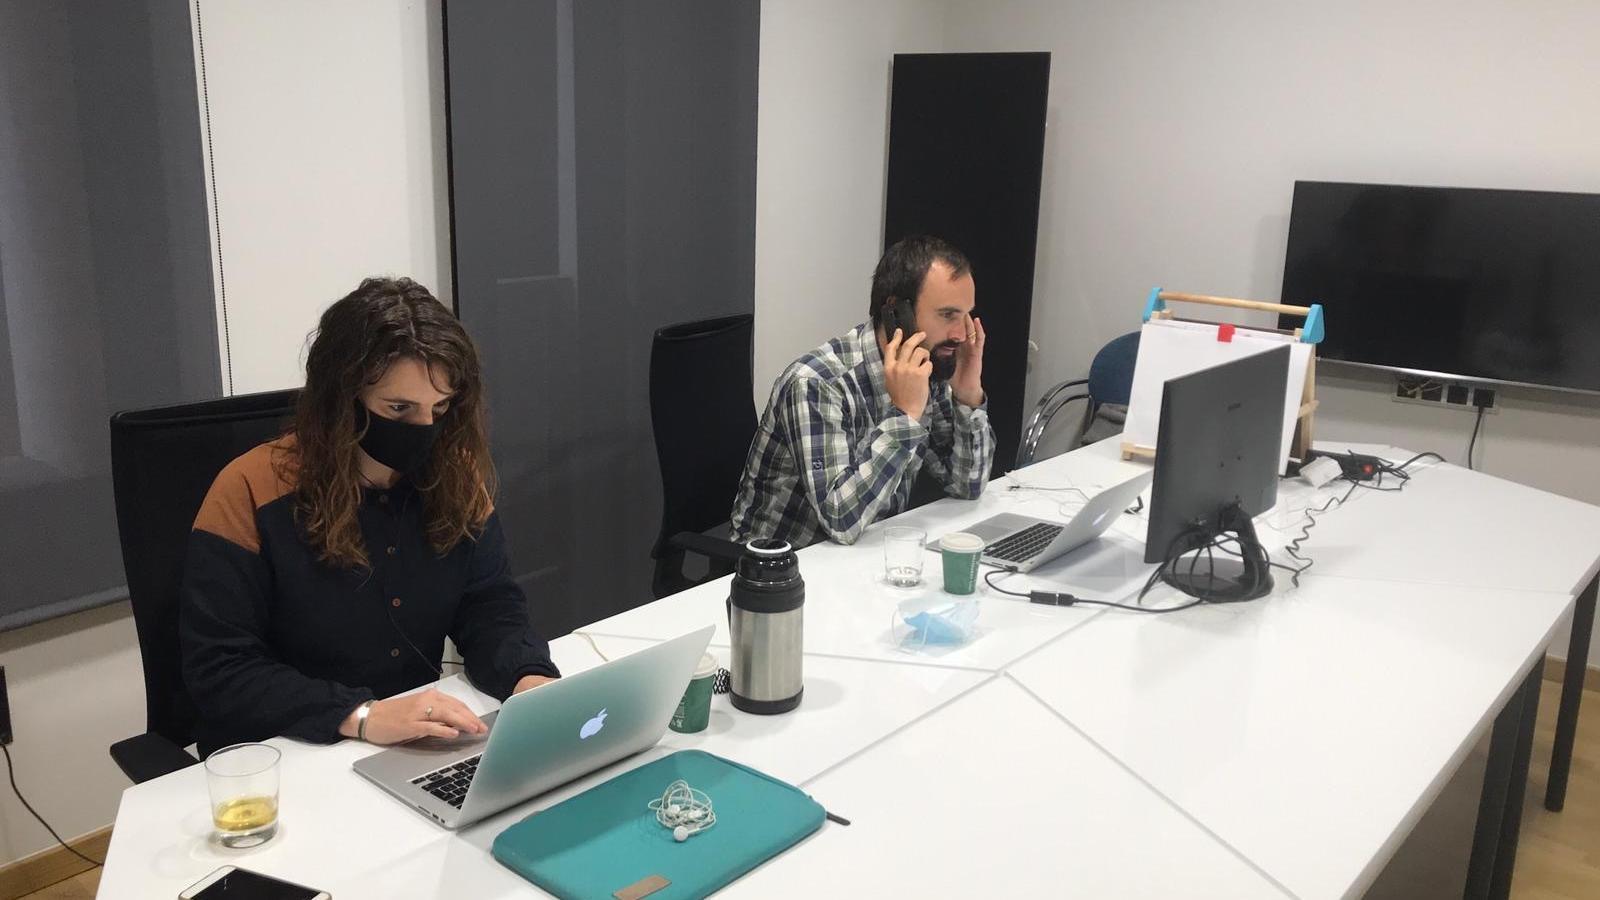 Els coordinadors del 'Coworking Europe' treballant des de la Seu d'Urgell. / PALAU COWORK